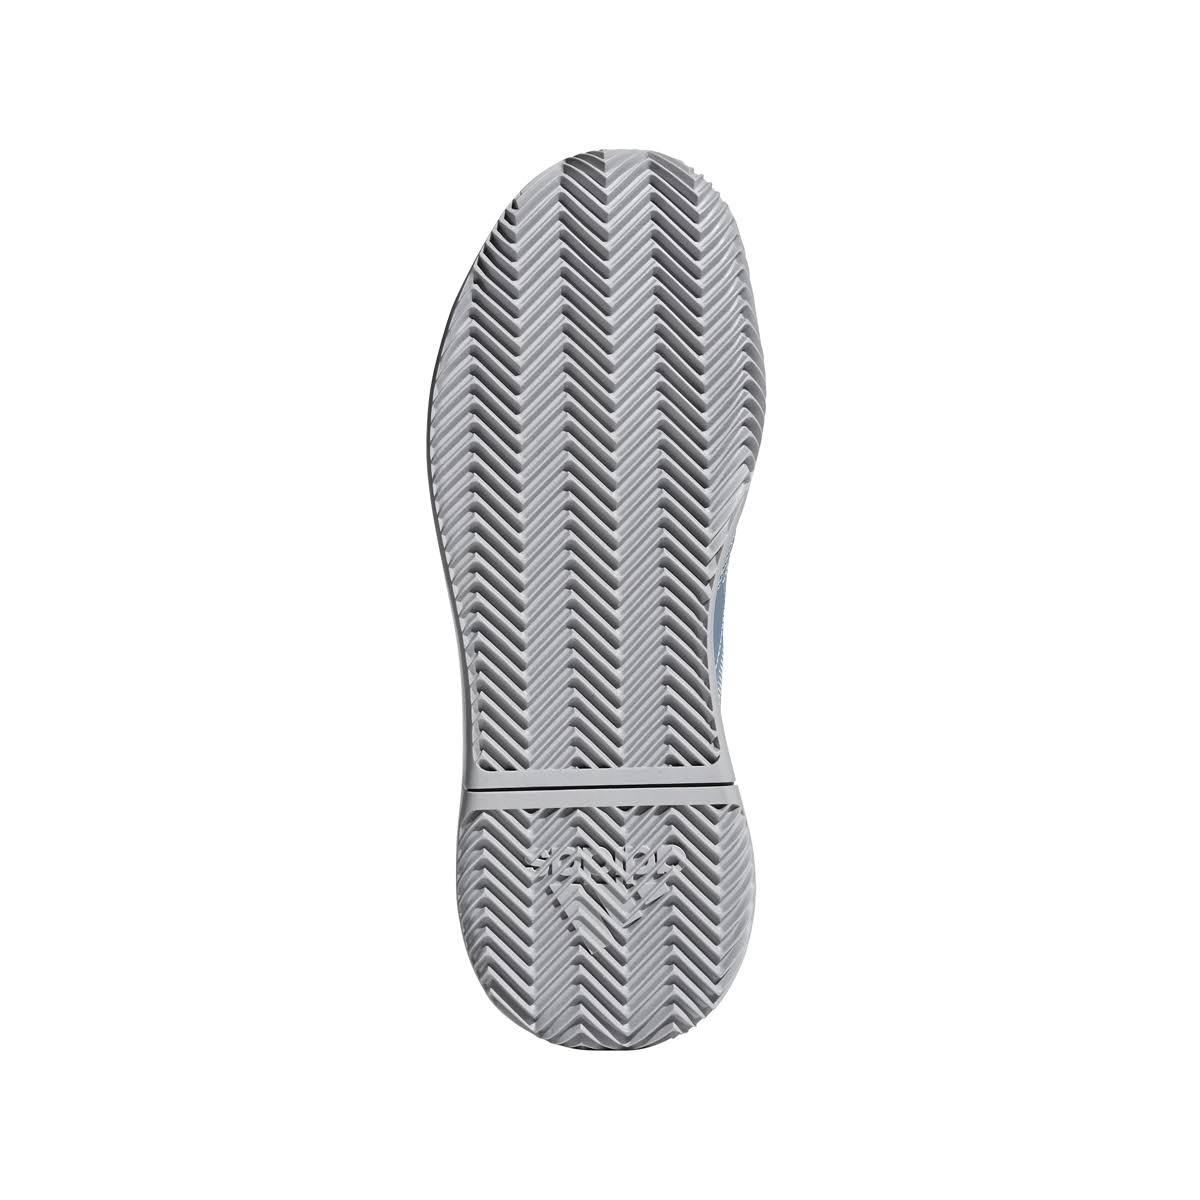 Adidas Gris Blanco Para Zapatillas Adizero Bounce Defiant Hombre vzCICxqwd